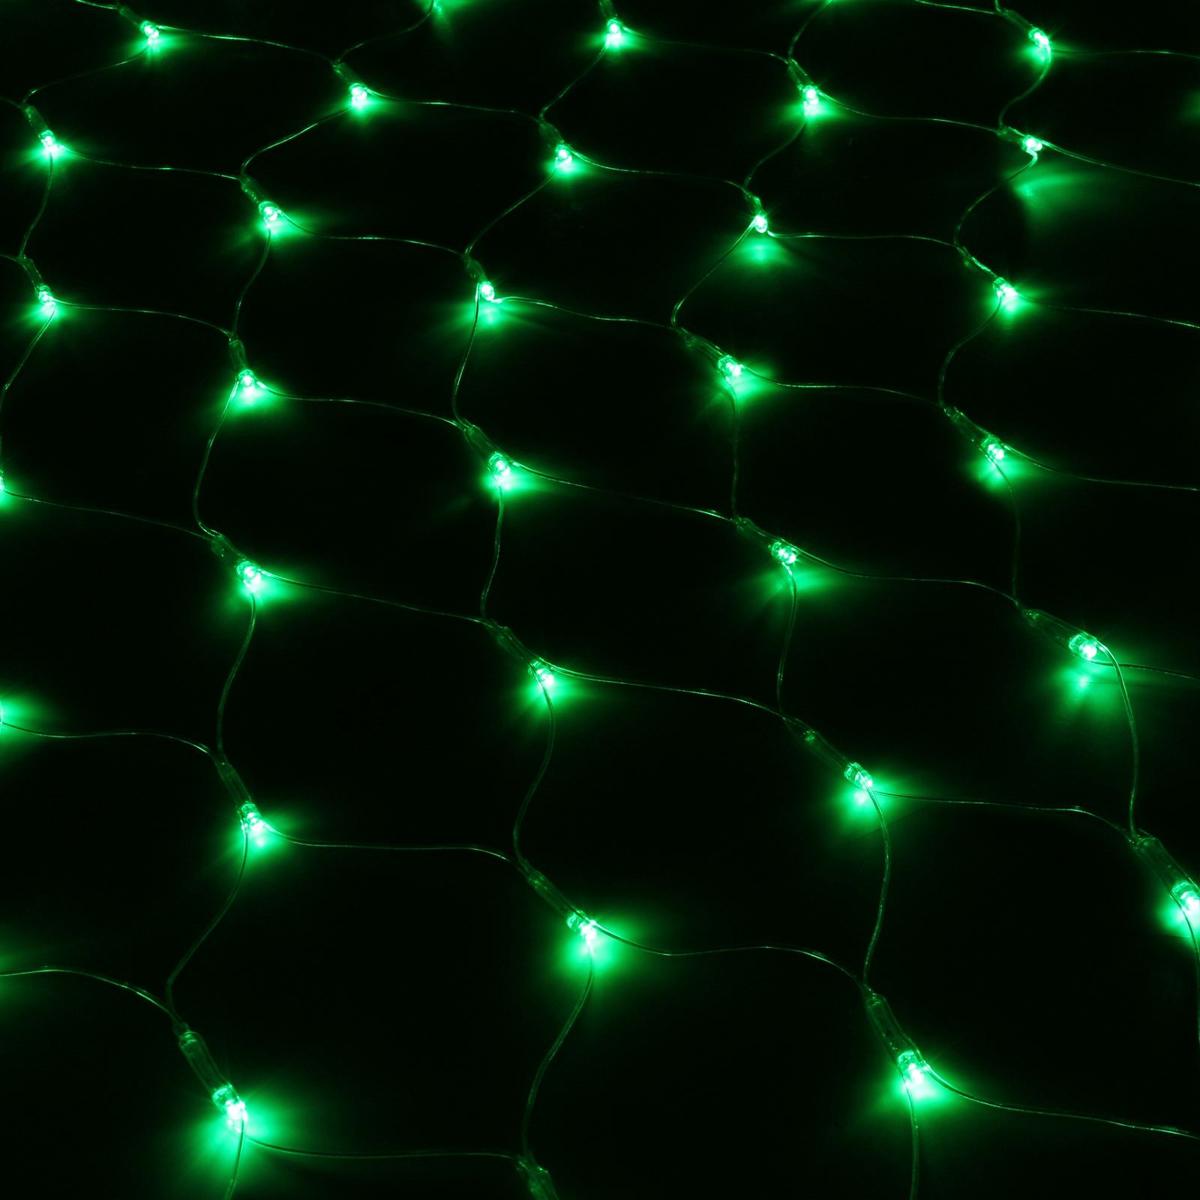 Гирлянда Luazon Сетка, длина 0,9 м, LED 120 ламп, 220V, цвет: зеленый. 187206187206Светодиодные гирлянды, ленты и т.д — это отличный вариант для новогоднего оформления интерьера или фасада. С их помощью помещение любого размера можно превратить в праздничный зал, а внешние элементы зданий, украшенные ими, мгновенно станут напоминать очертания сказочного дворца. Такие украшения создают ауру предвкушения чуда. Деревья, фасады, витрины, окна и арки будто специально созданы, чтобы вы украсили их светящимися нитями.